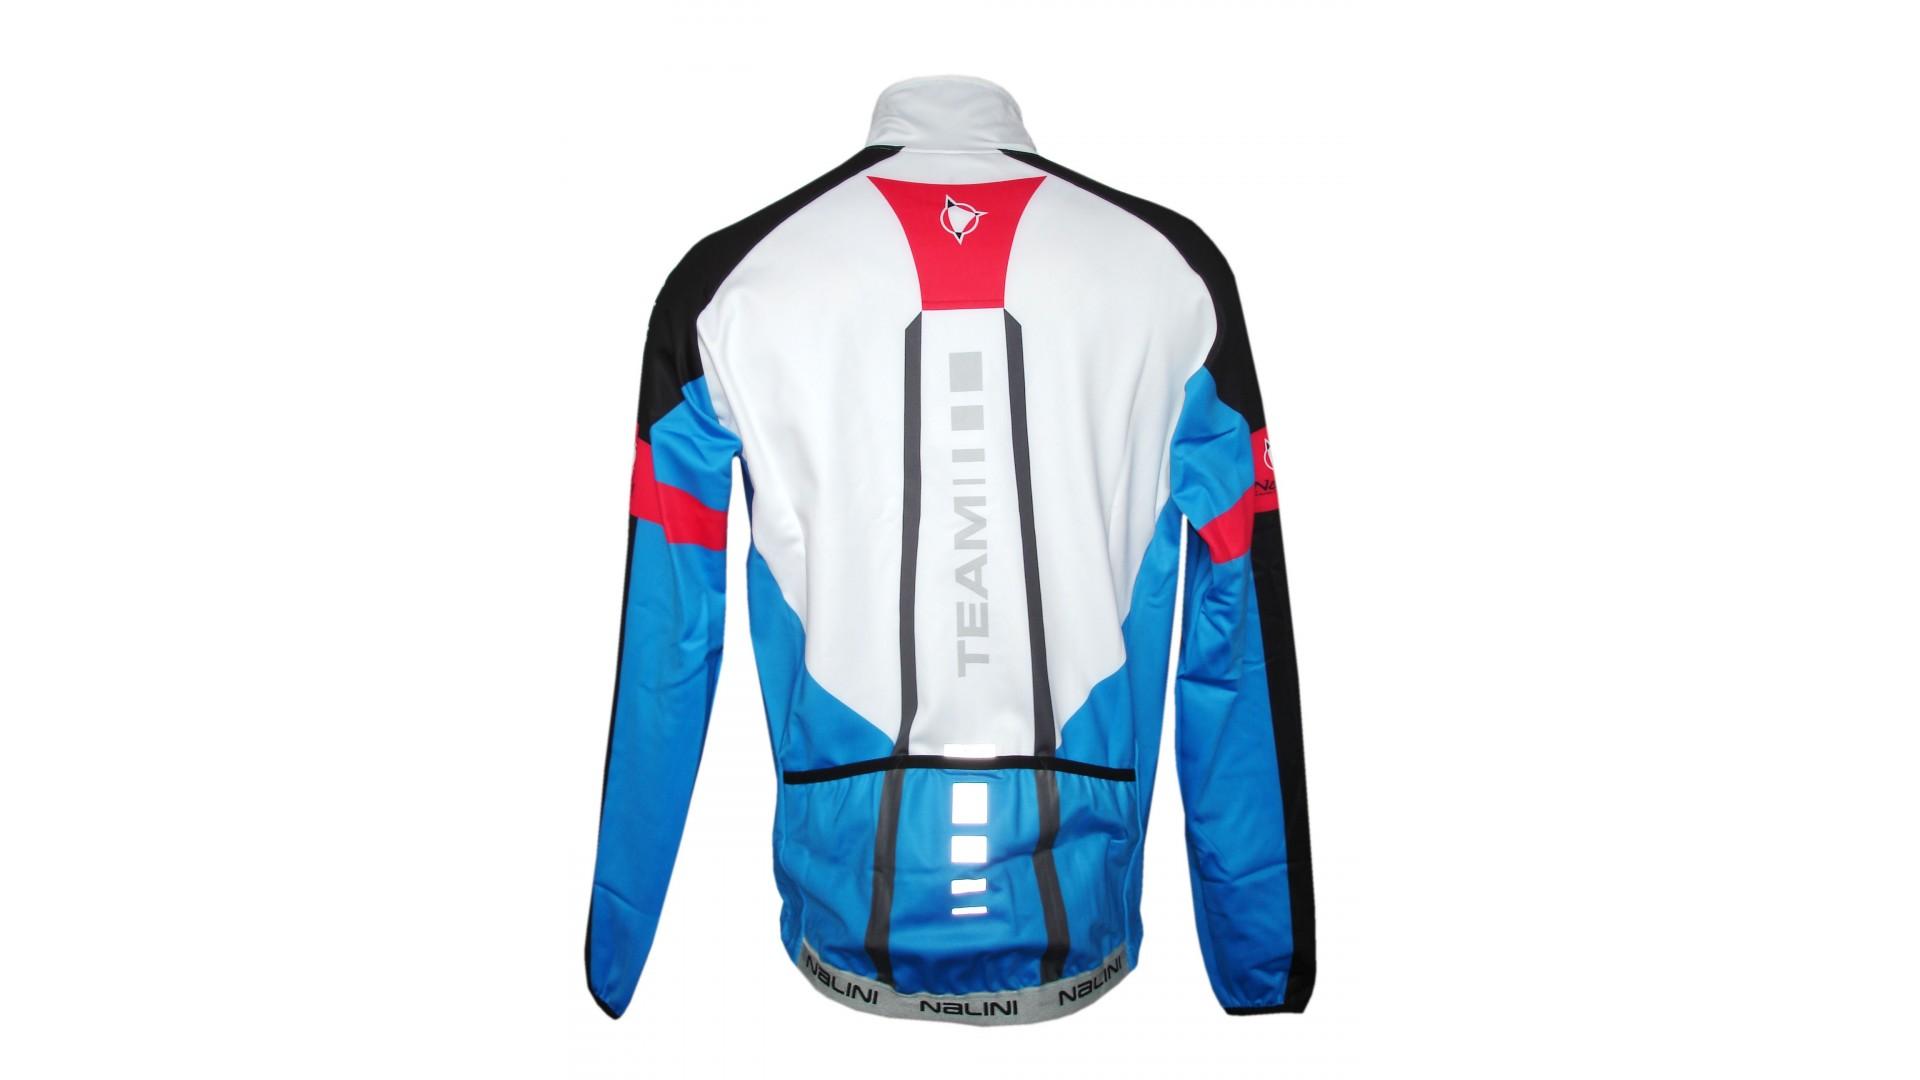 Велокуртка Nalini Pro Mirady зимняя цвет 421 вид сзади